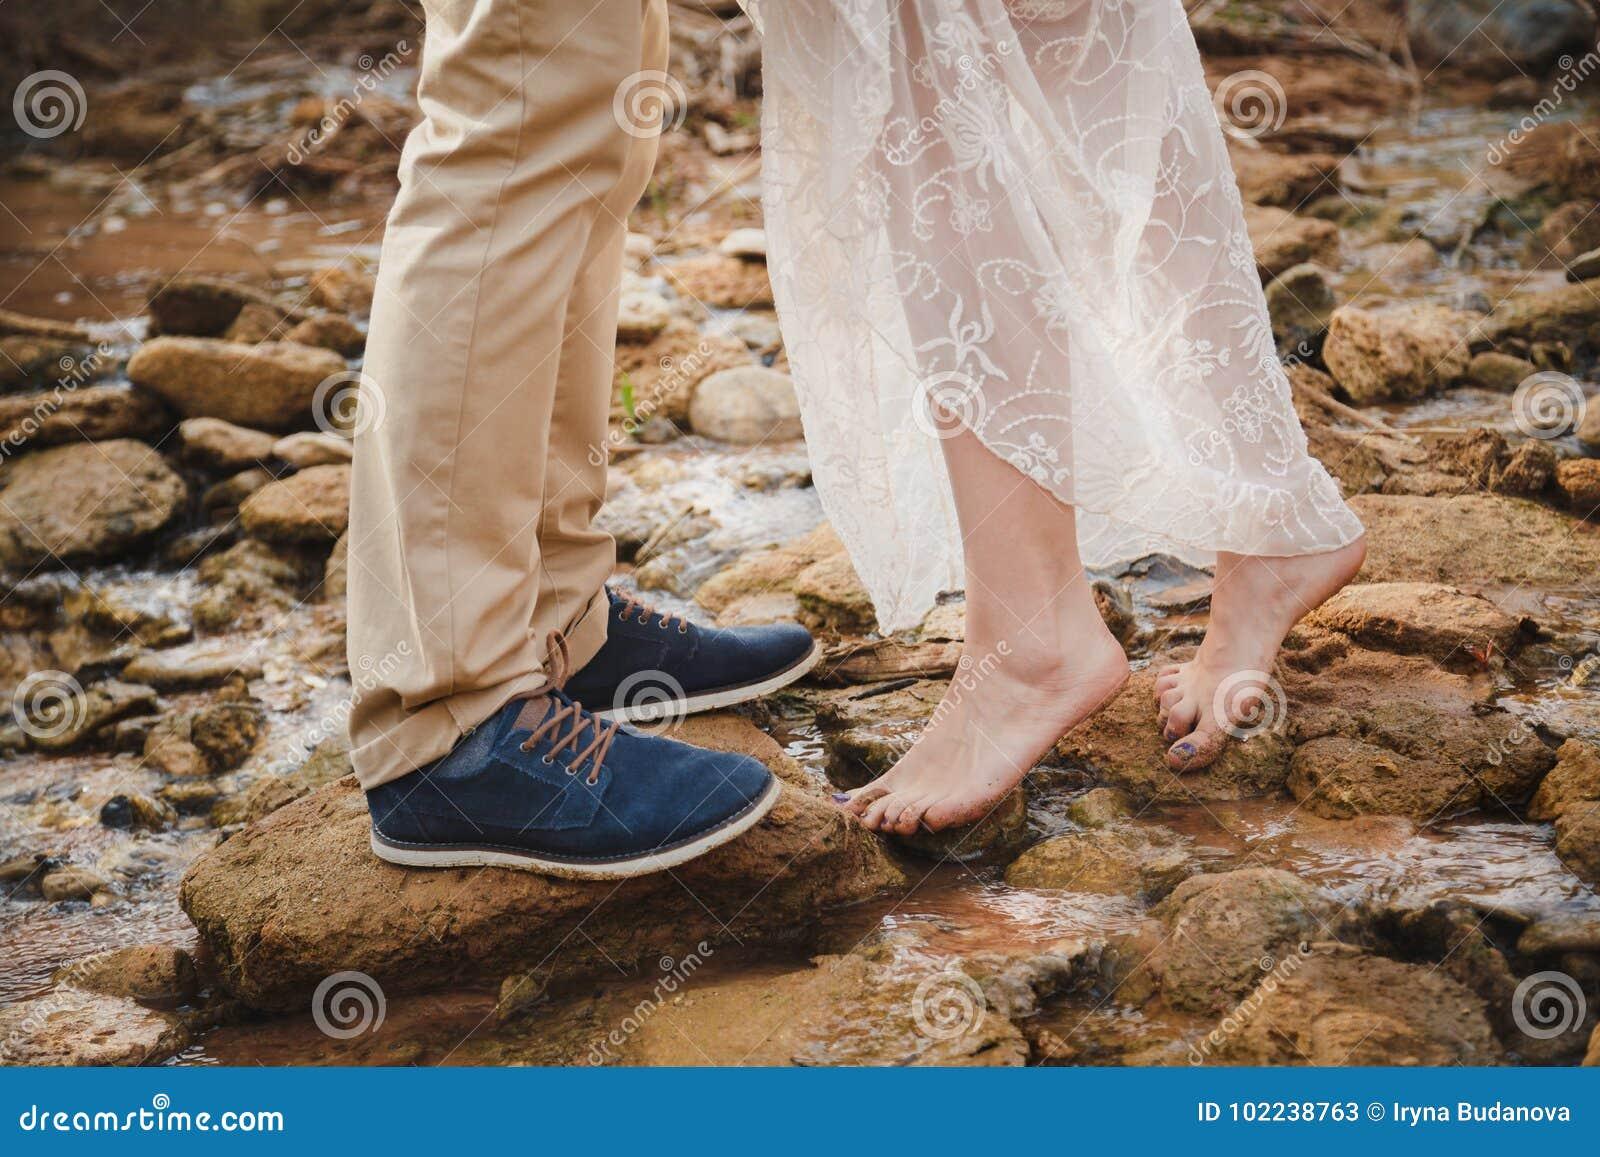 室外婚礼,关闭赤足站立在石头的少妇脚在前面人穿深蓝鞋子的脚